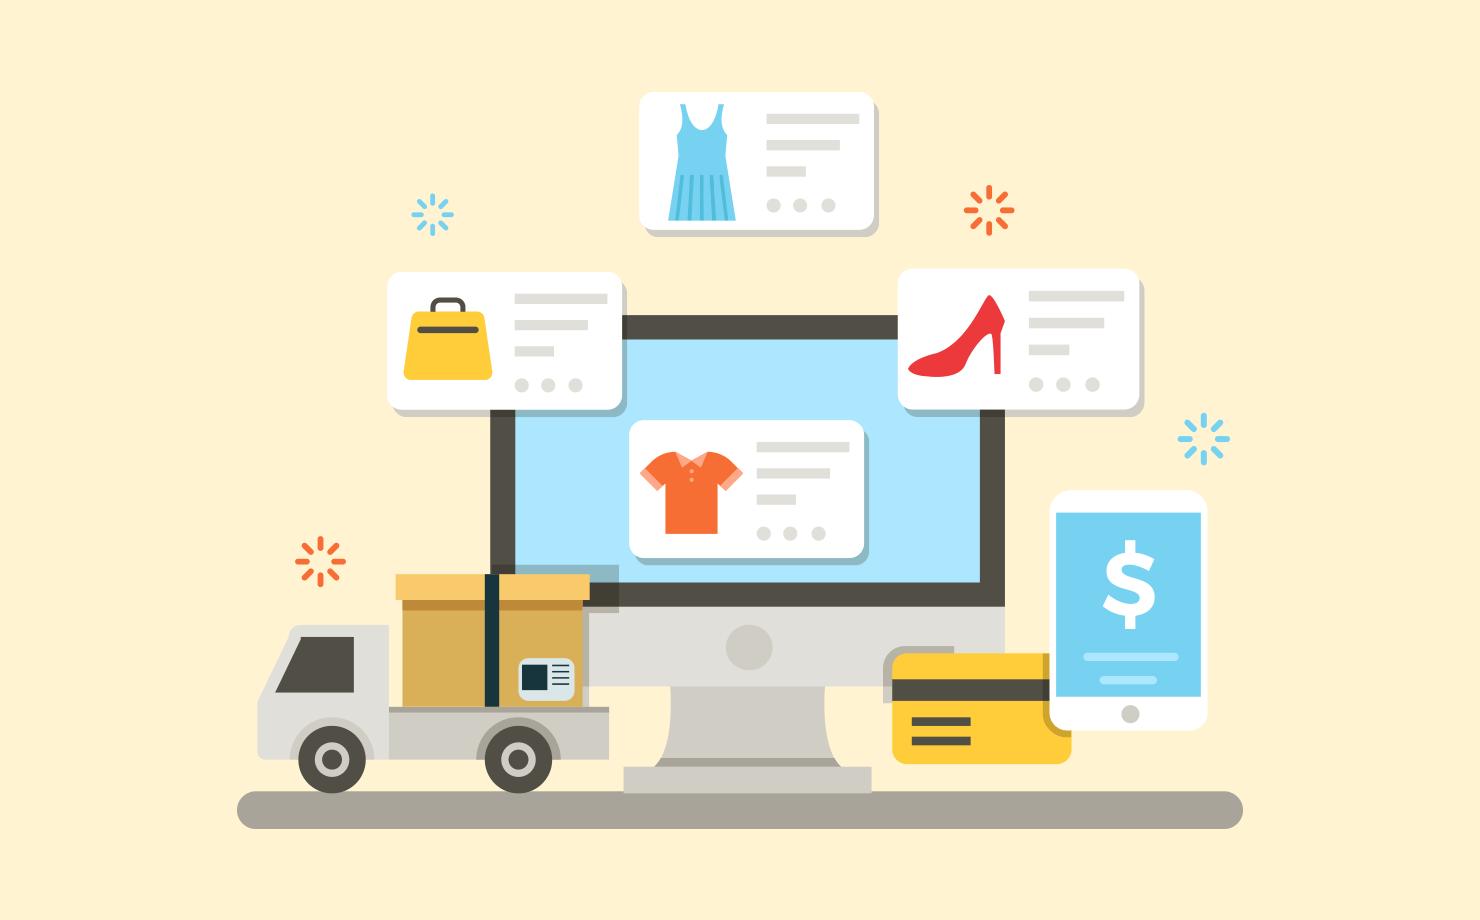 Kinh doanh online - những công việc không cần bằng cấp